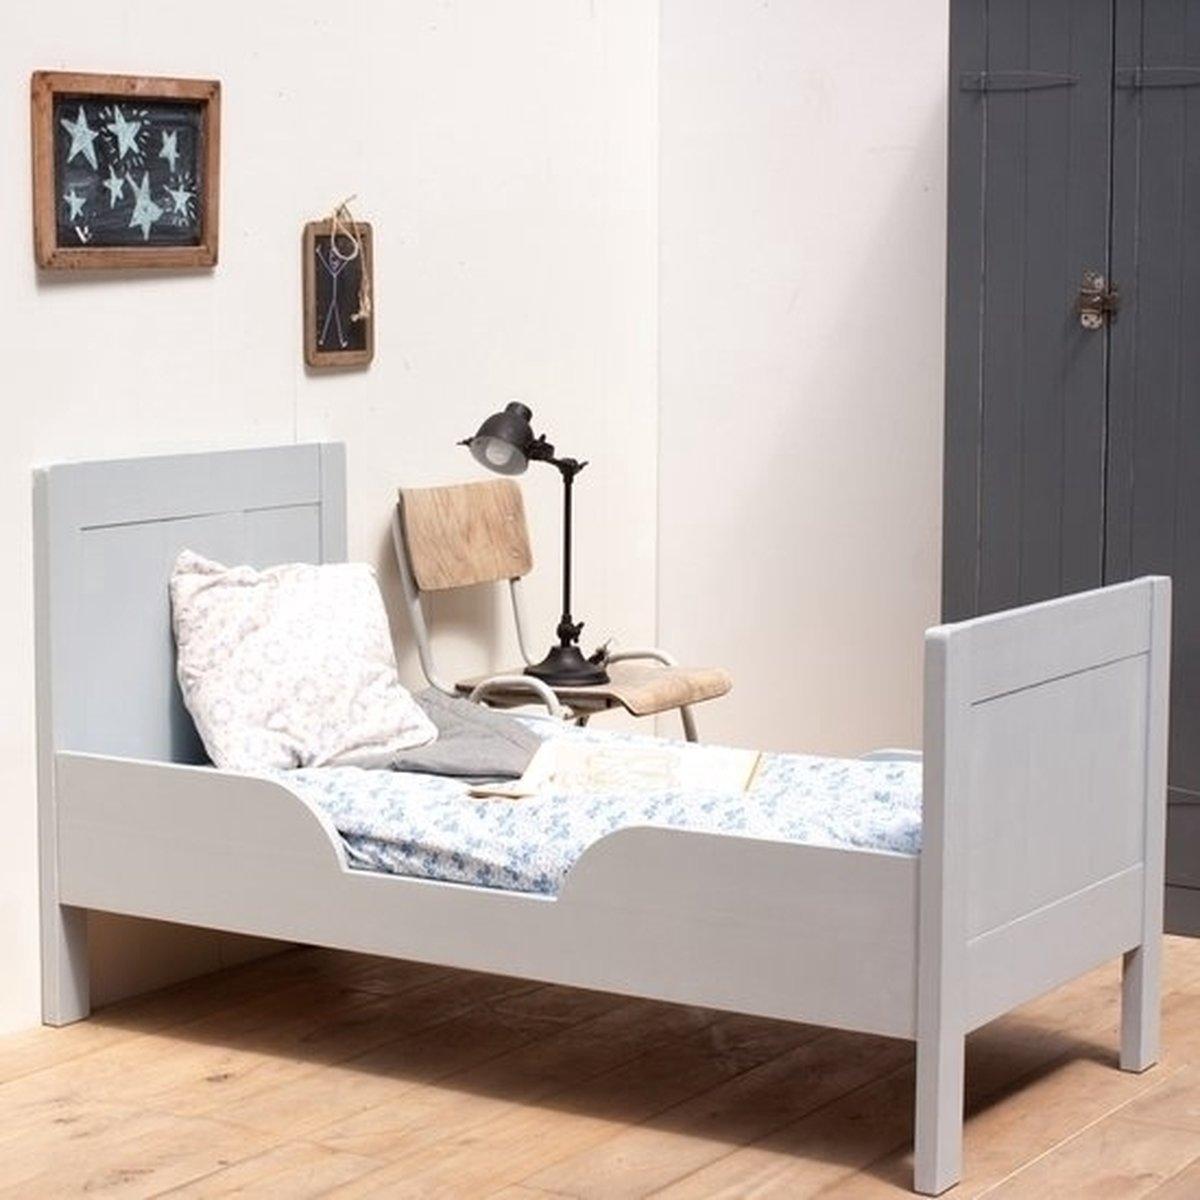 Zelf Bed Maken Vtwonen